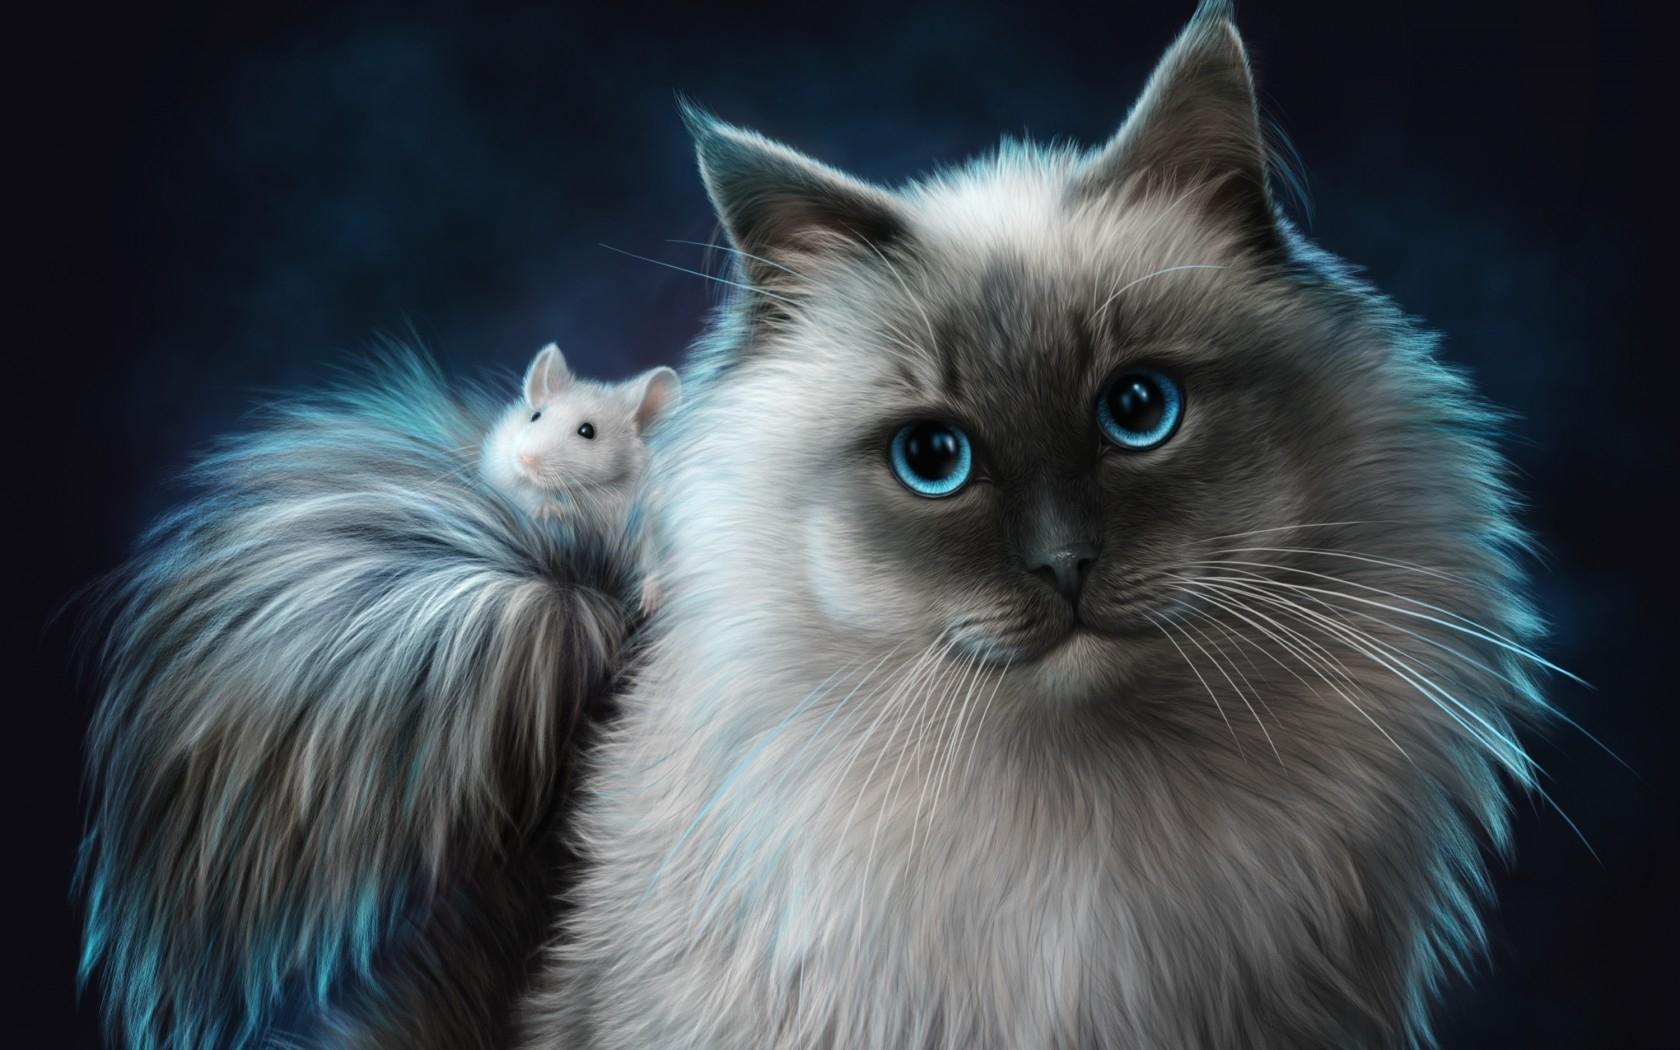 猫 图片 cat and 老鼠, 鼠标 hd 壁纸 and background